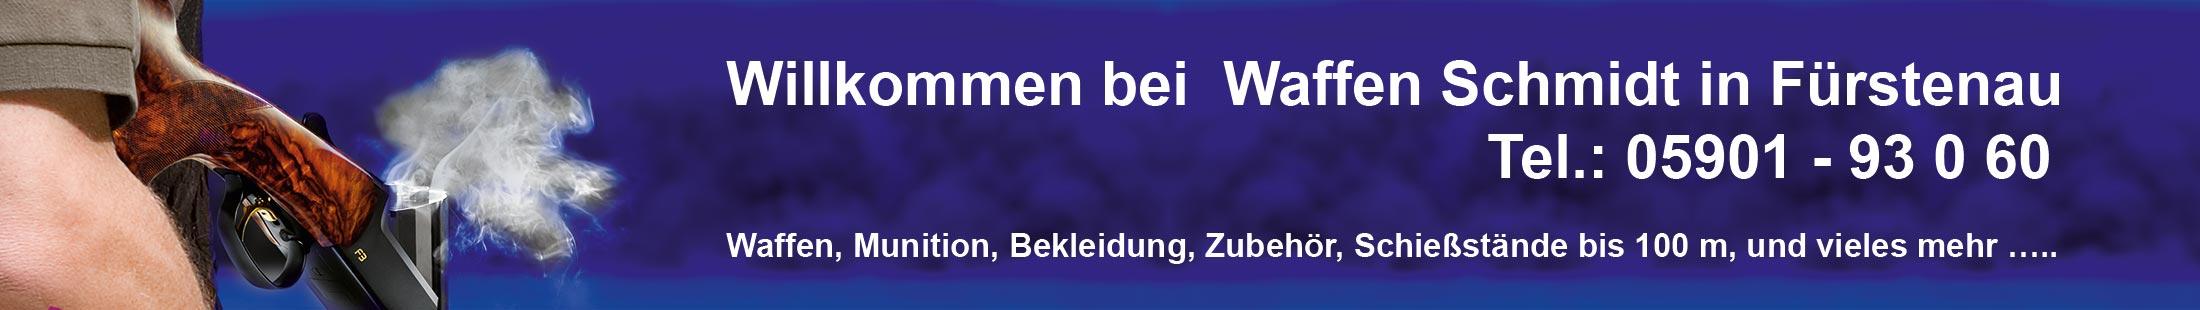 Banner Willkommen